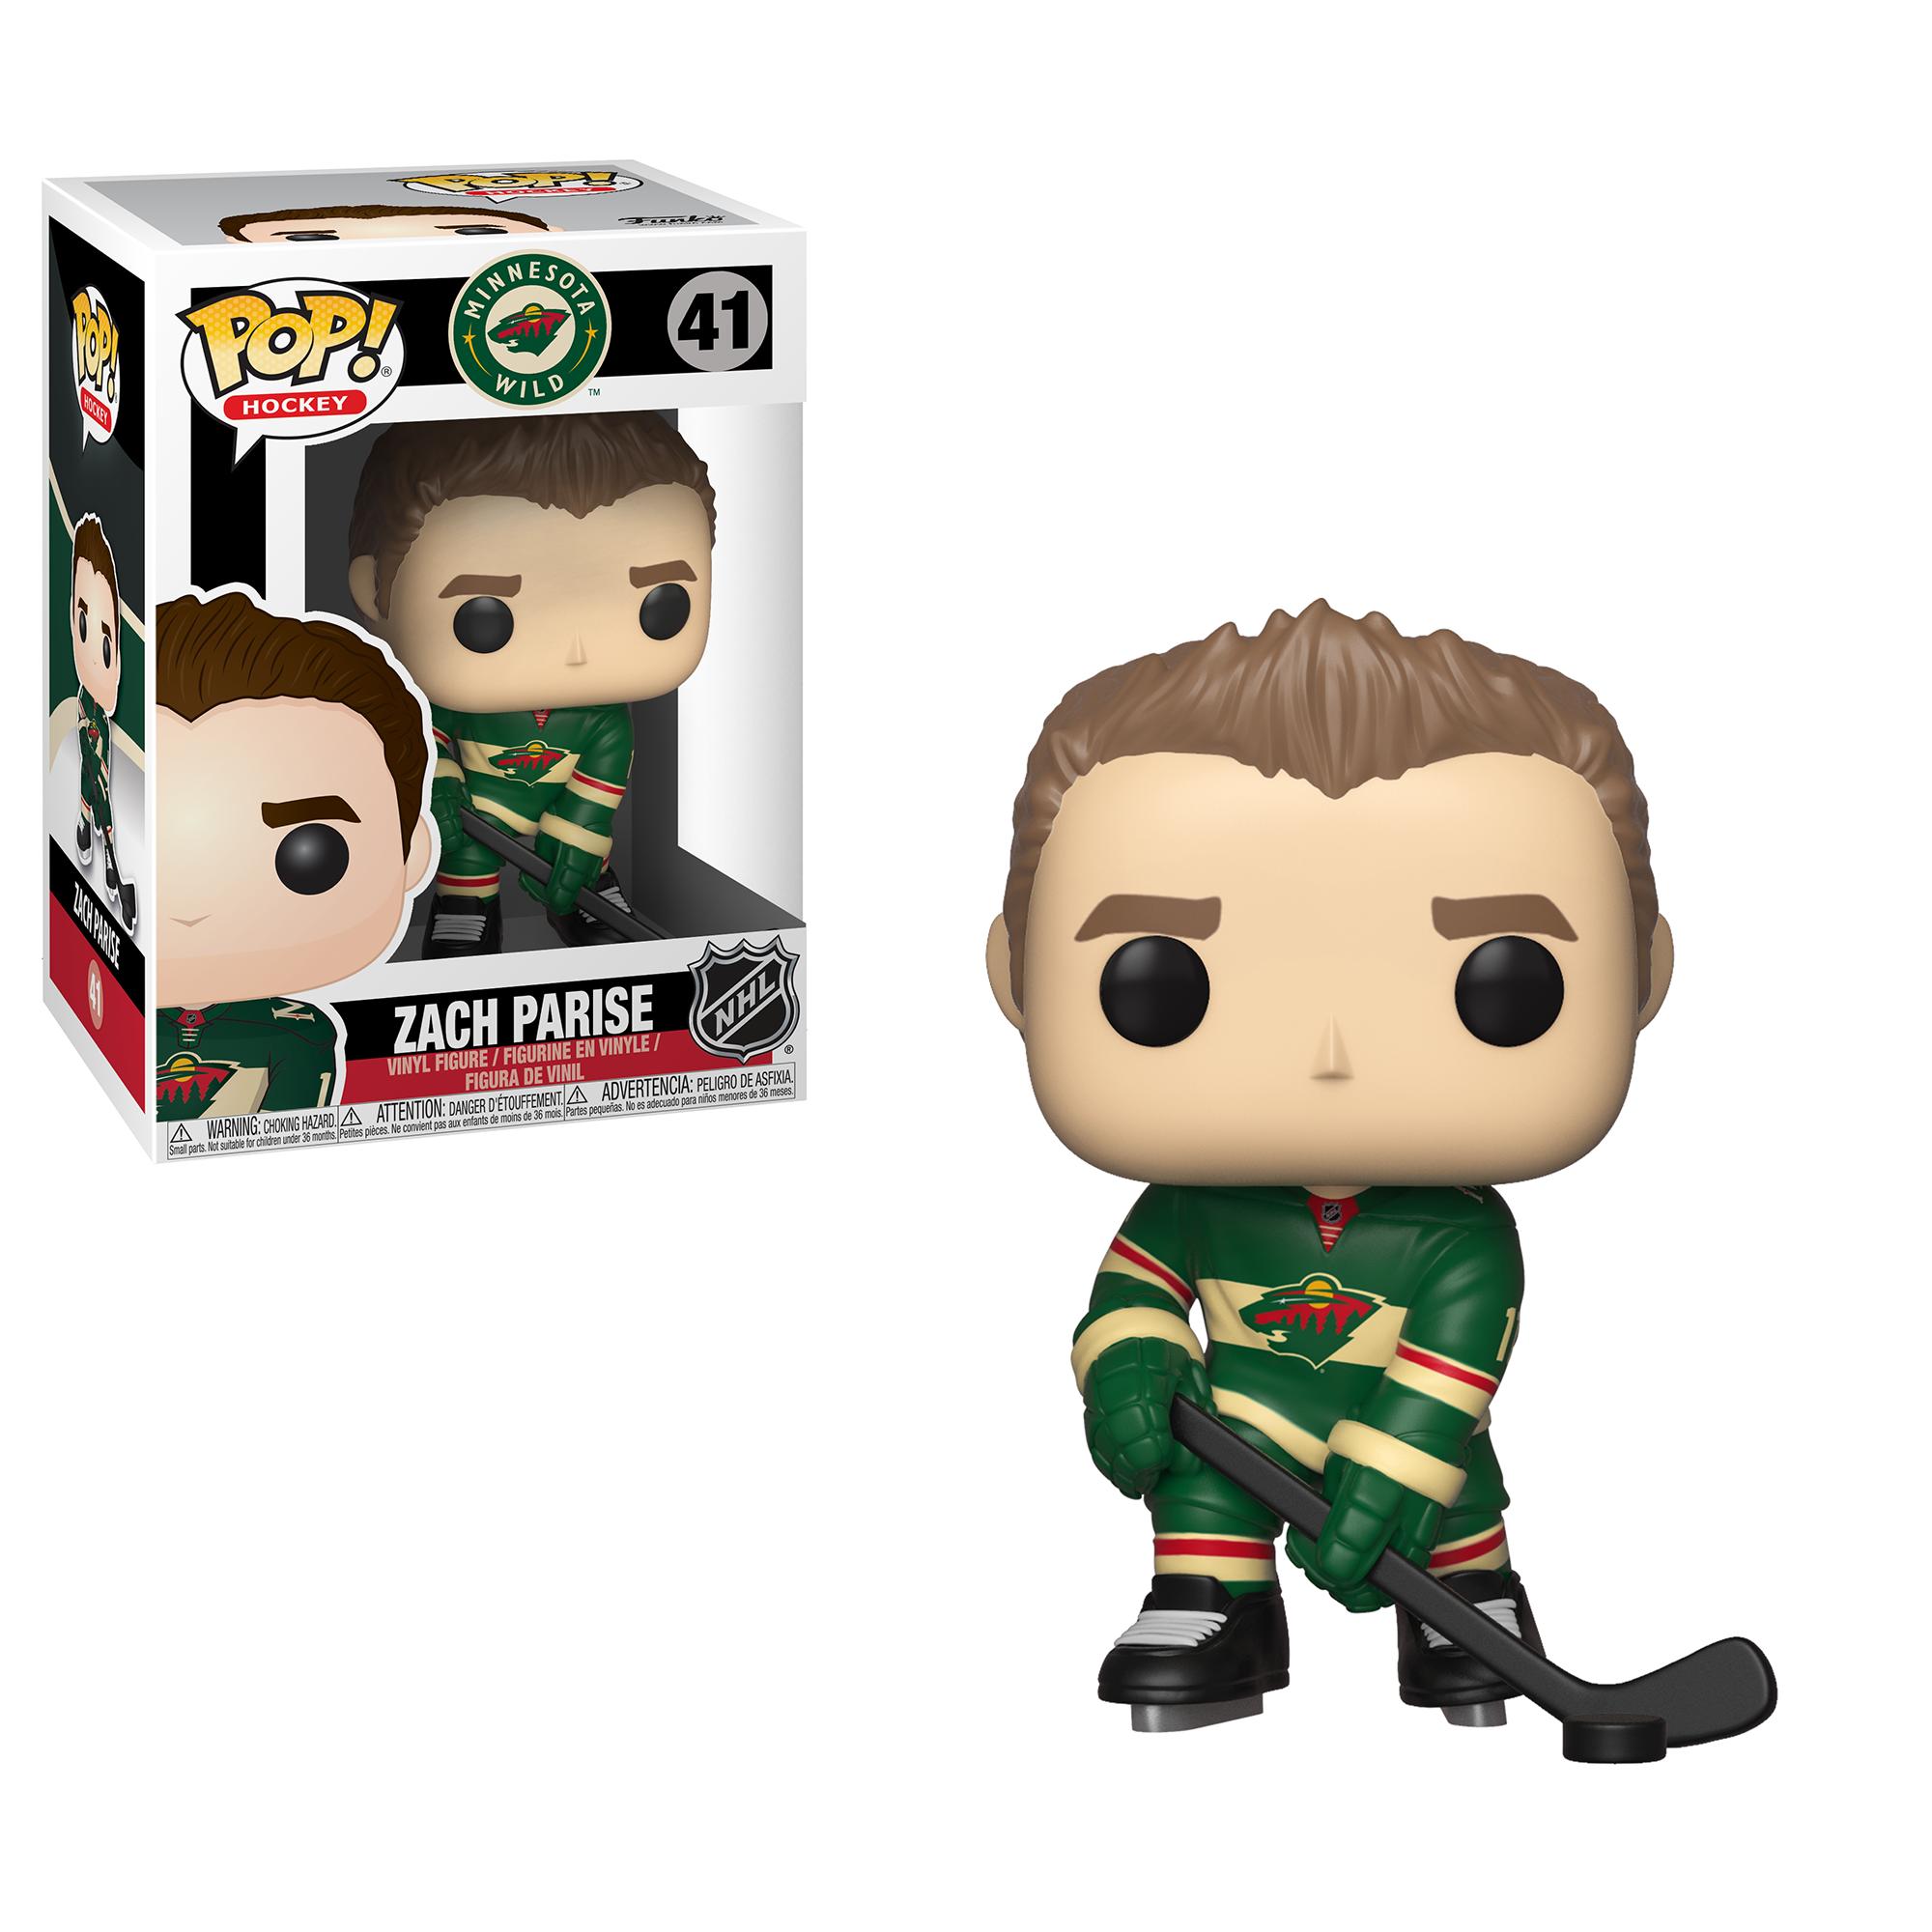 Funko POP! NHL: Wild - Zach Parise